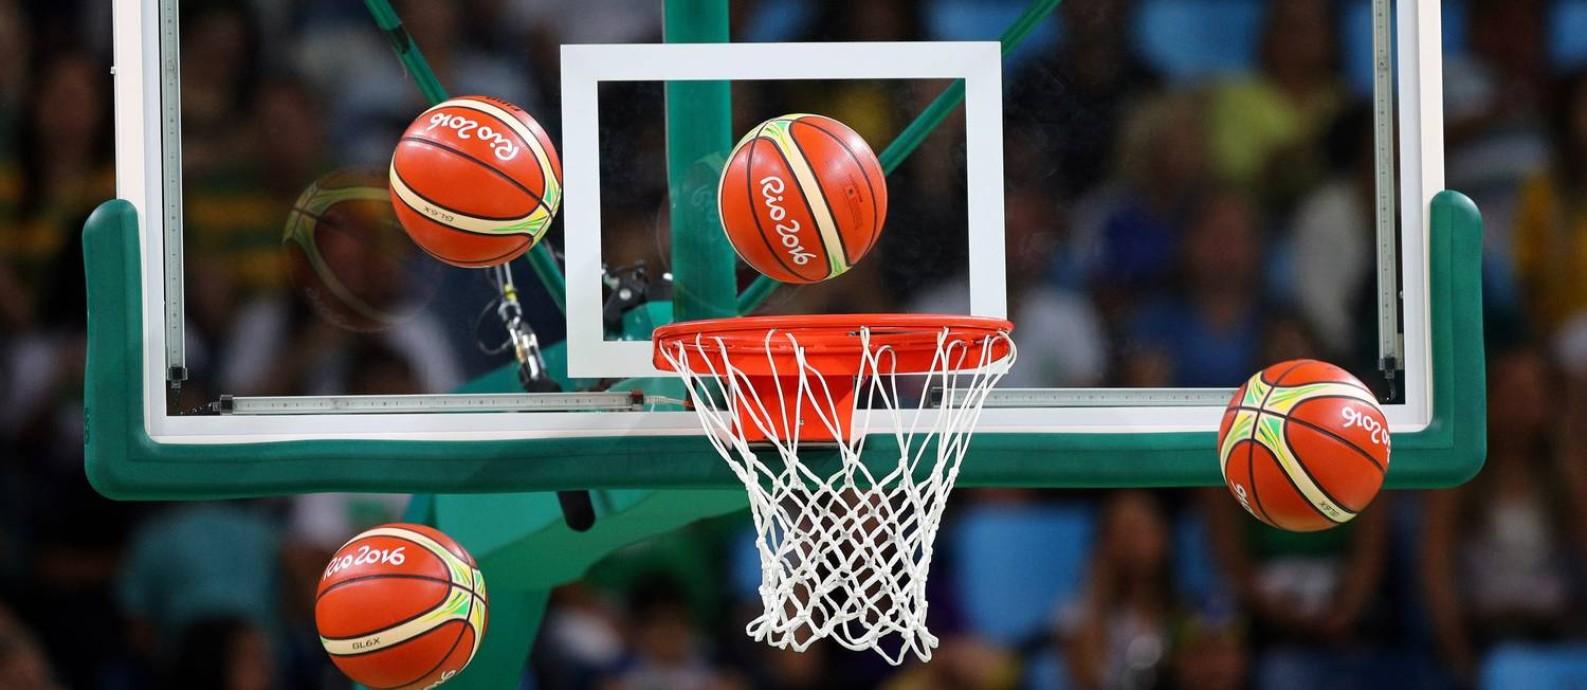 Bolas voam perto da cesta em aquecimento para jogo de basquete da Olimpíada do Rio Foto: Pablo Jacob / Agência O Globo